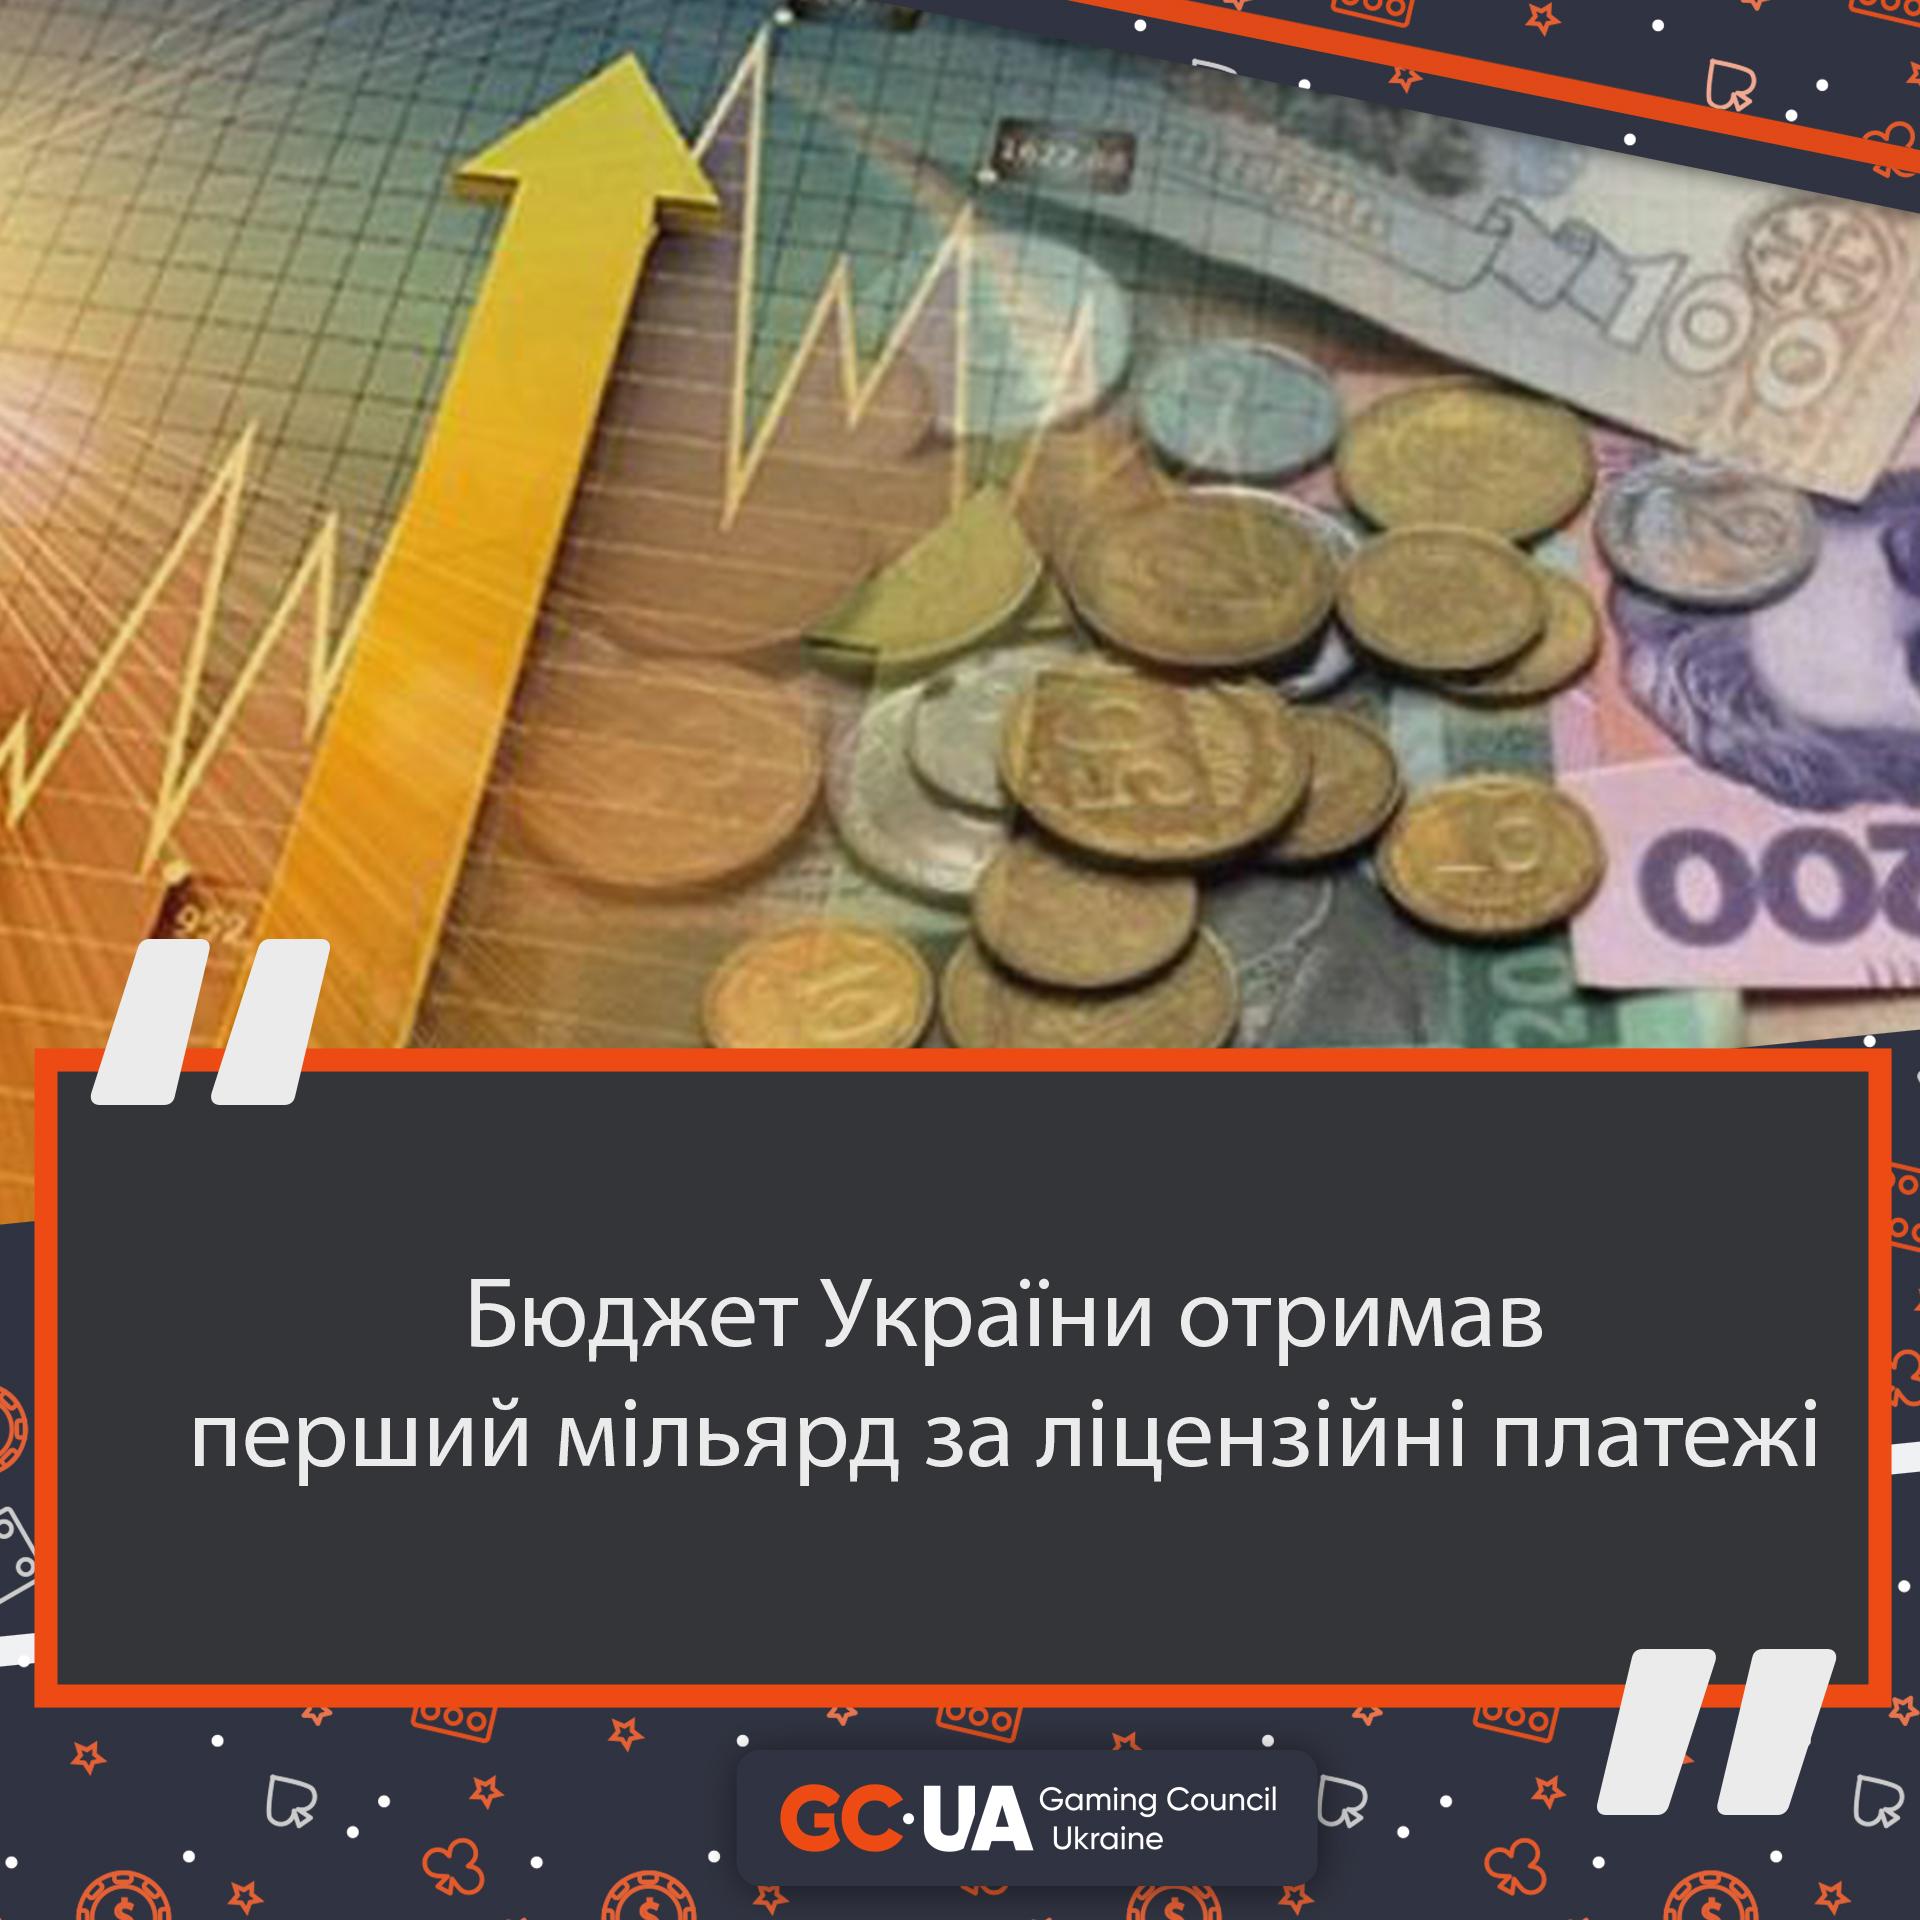 Бюджет України отримав перший мільярд за ліцензійні платежі